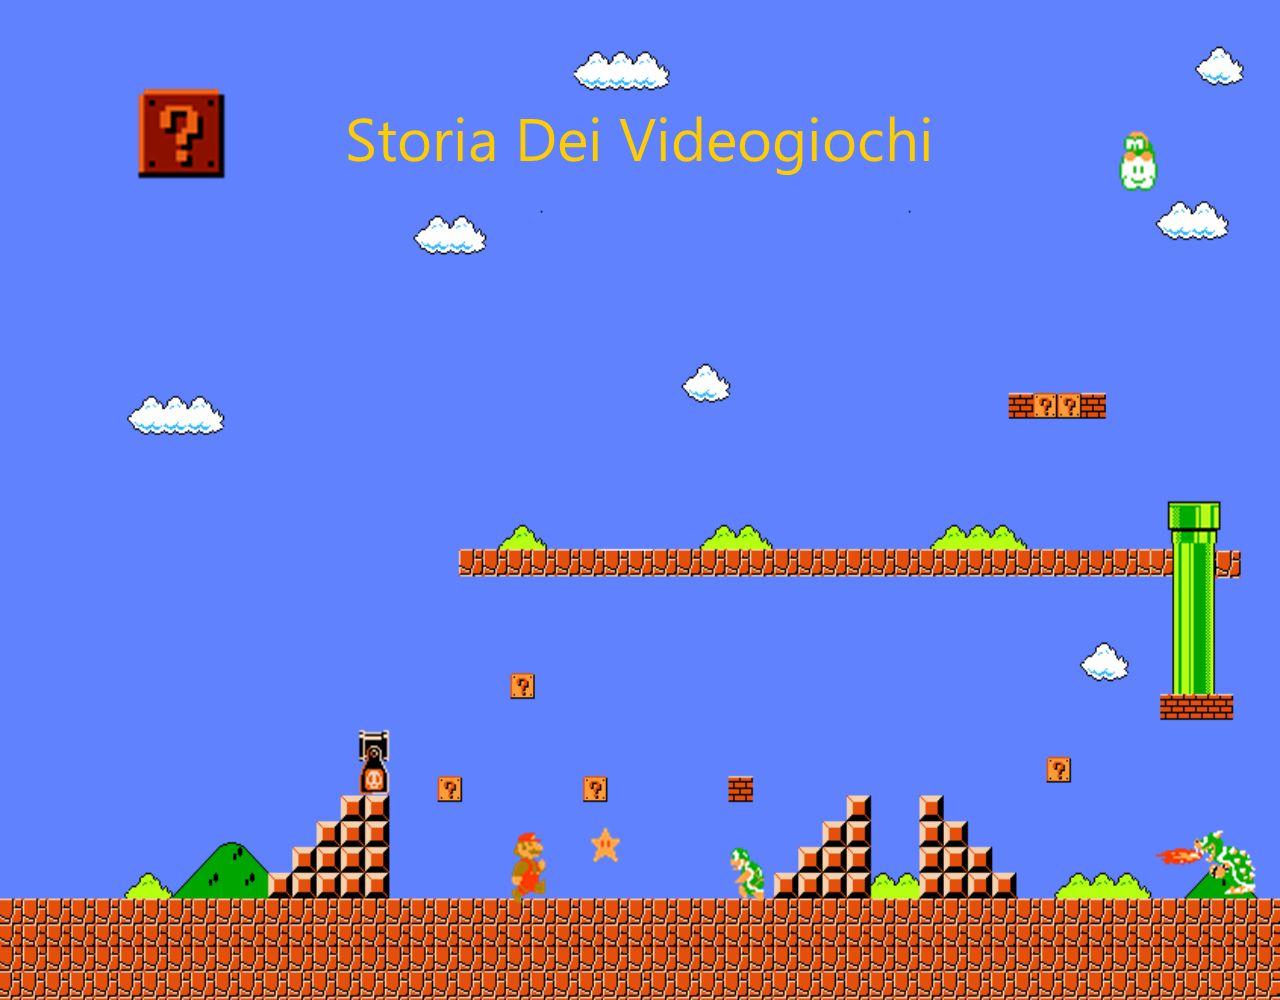 Storia Dei Videogiochi